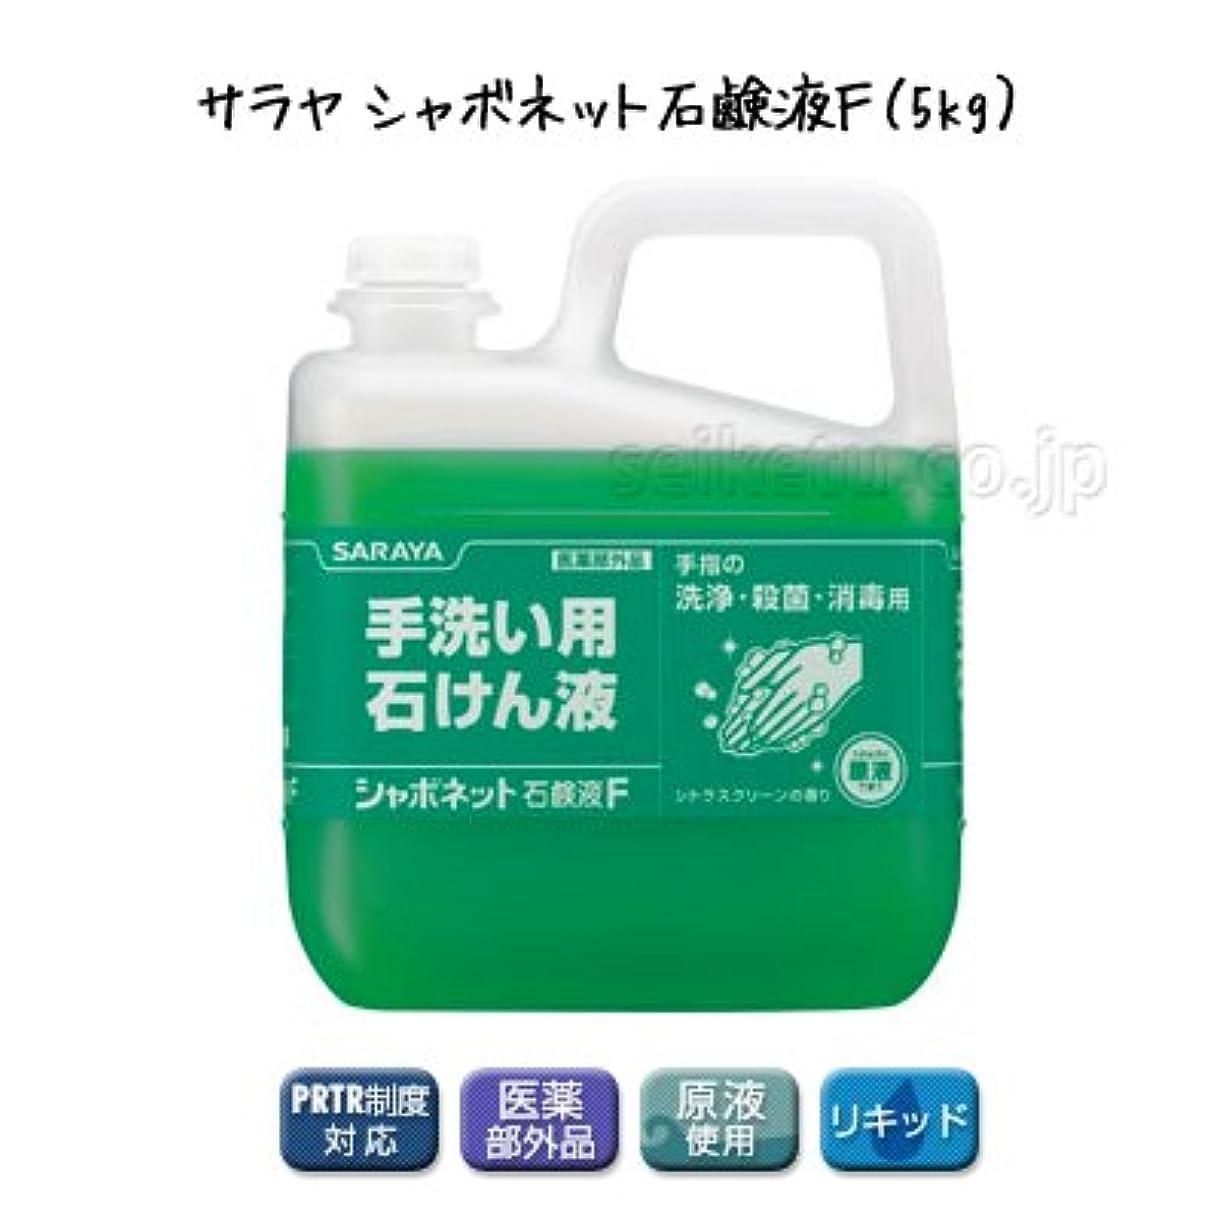 月曜日仮装難民【清潔キレイ館】サラヤ シャボネット石鹸液F(5kg)